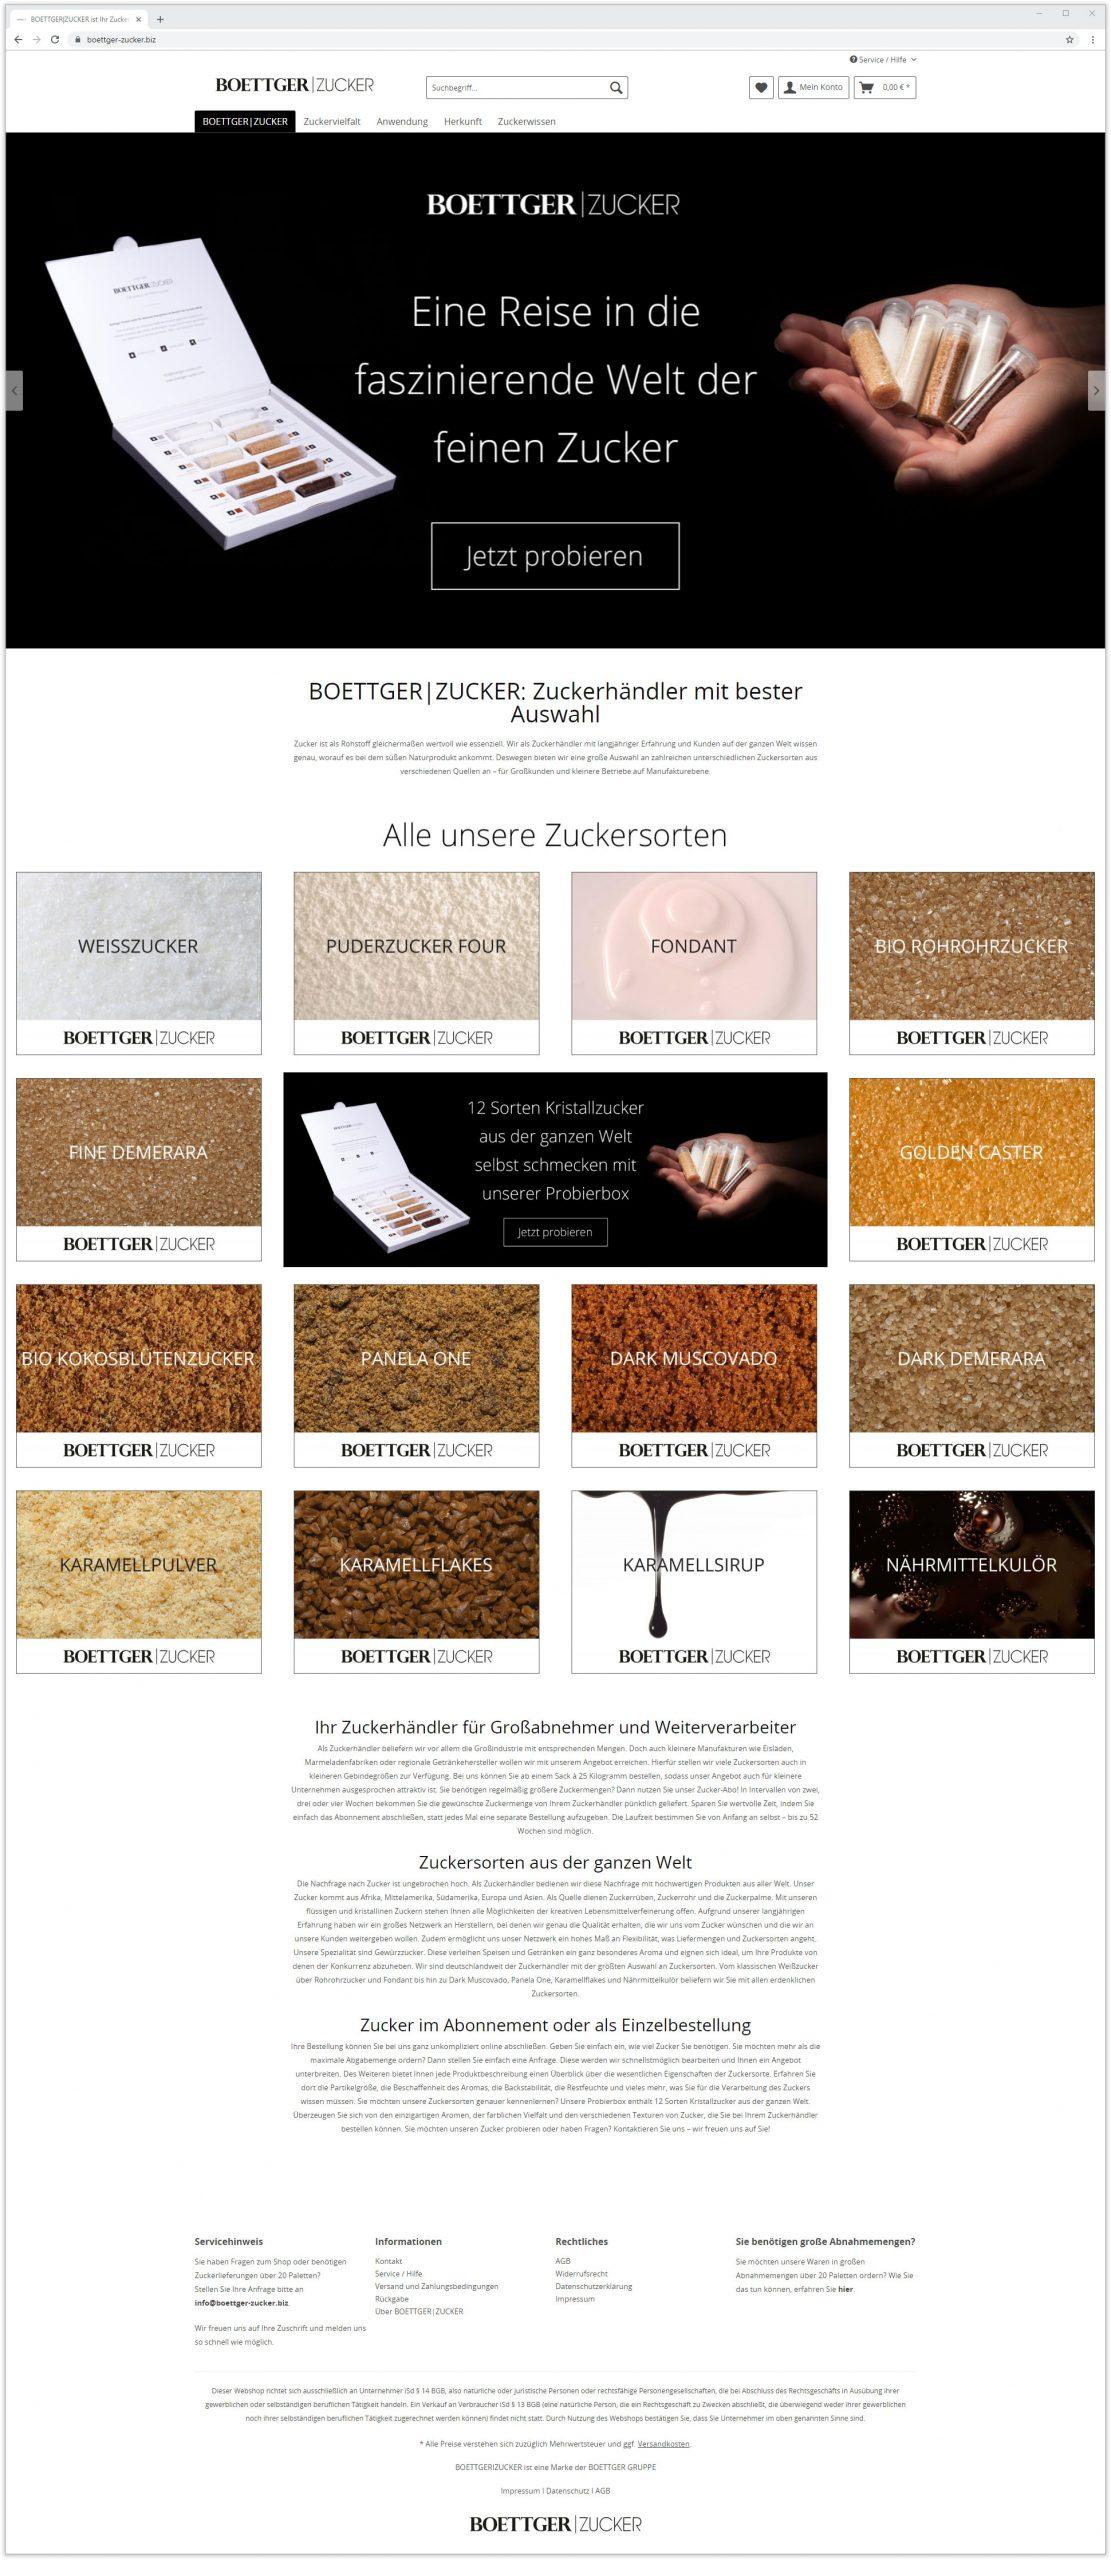 boettger-zucker-shopware-shop